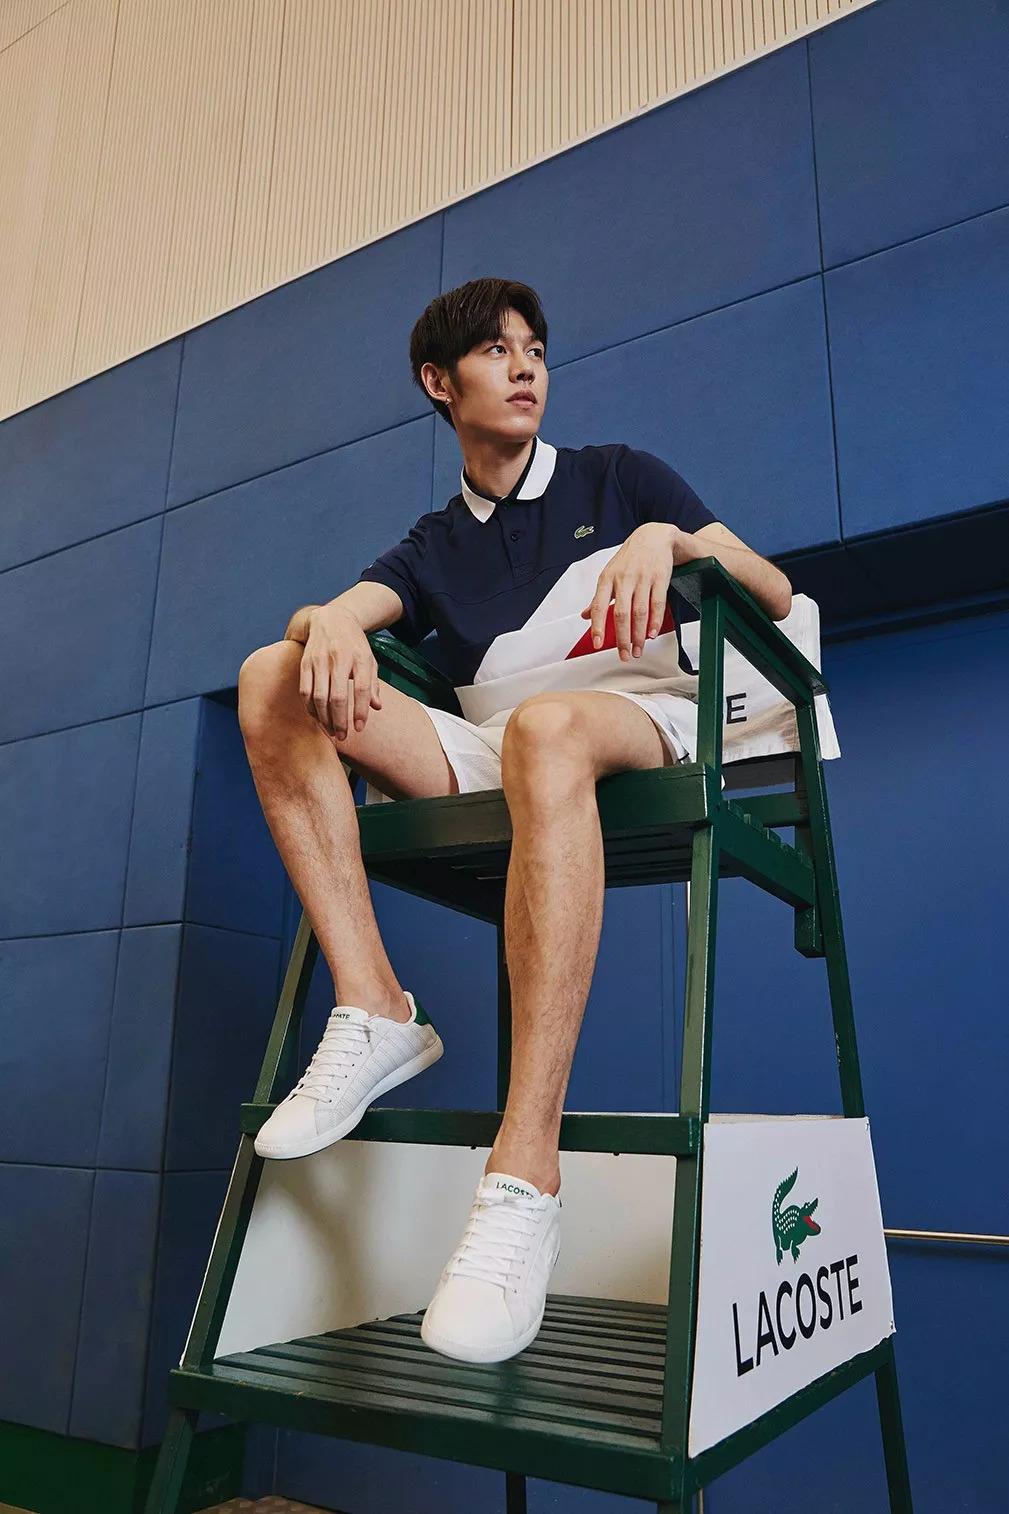 都什么年代了,穿 LACOSTE 就只能打网球吗?